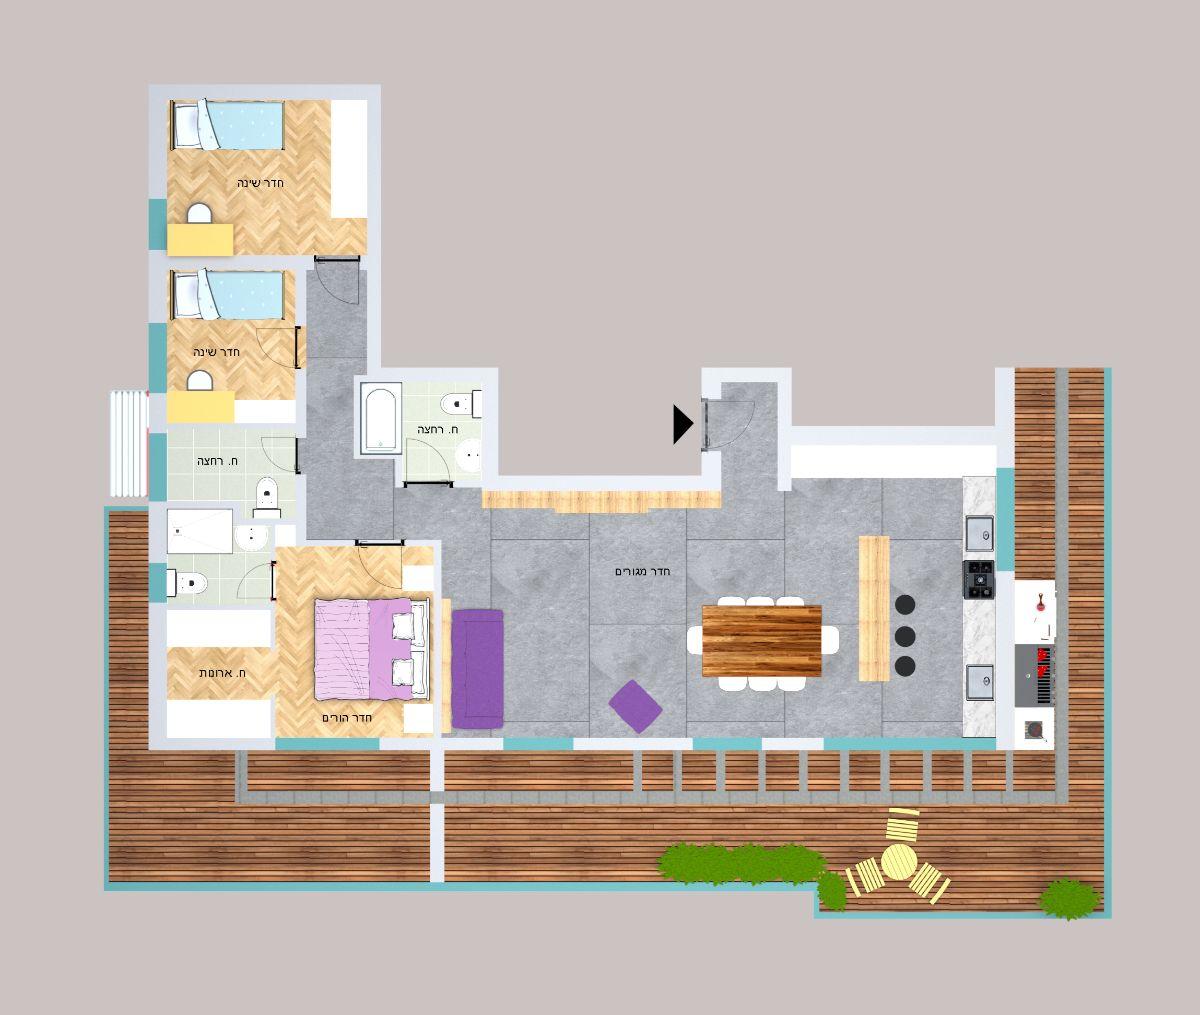 עיצוב פנים הדמייה   אדריכלות תכנון - תכנון הבית